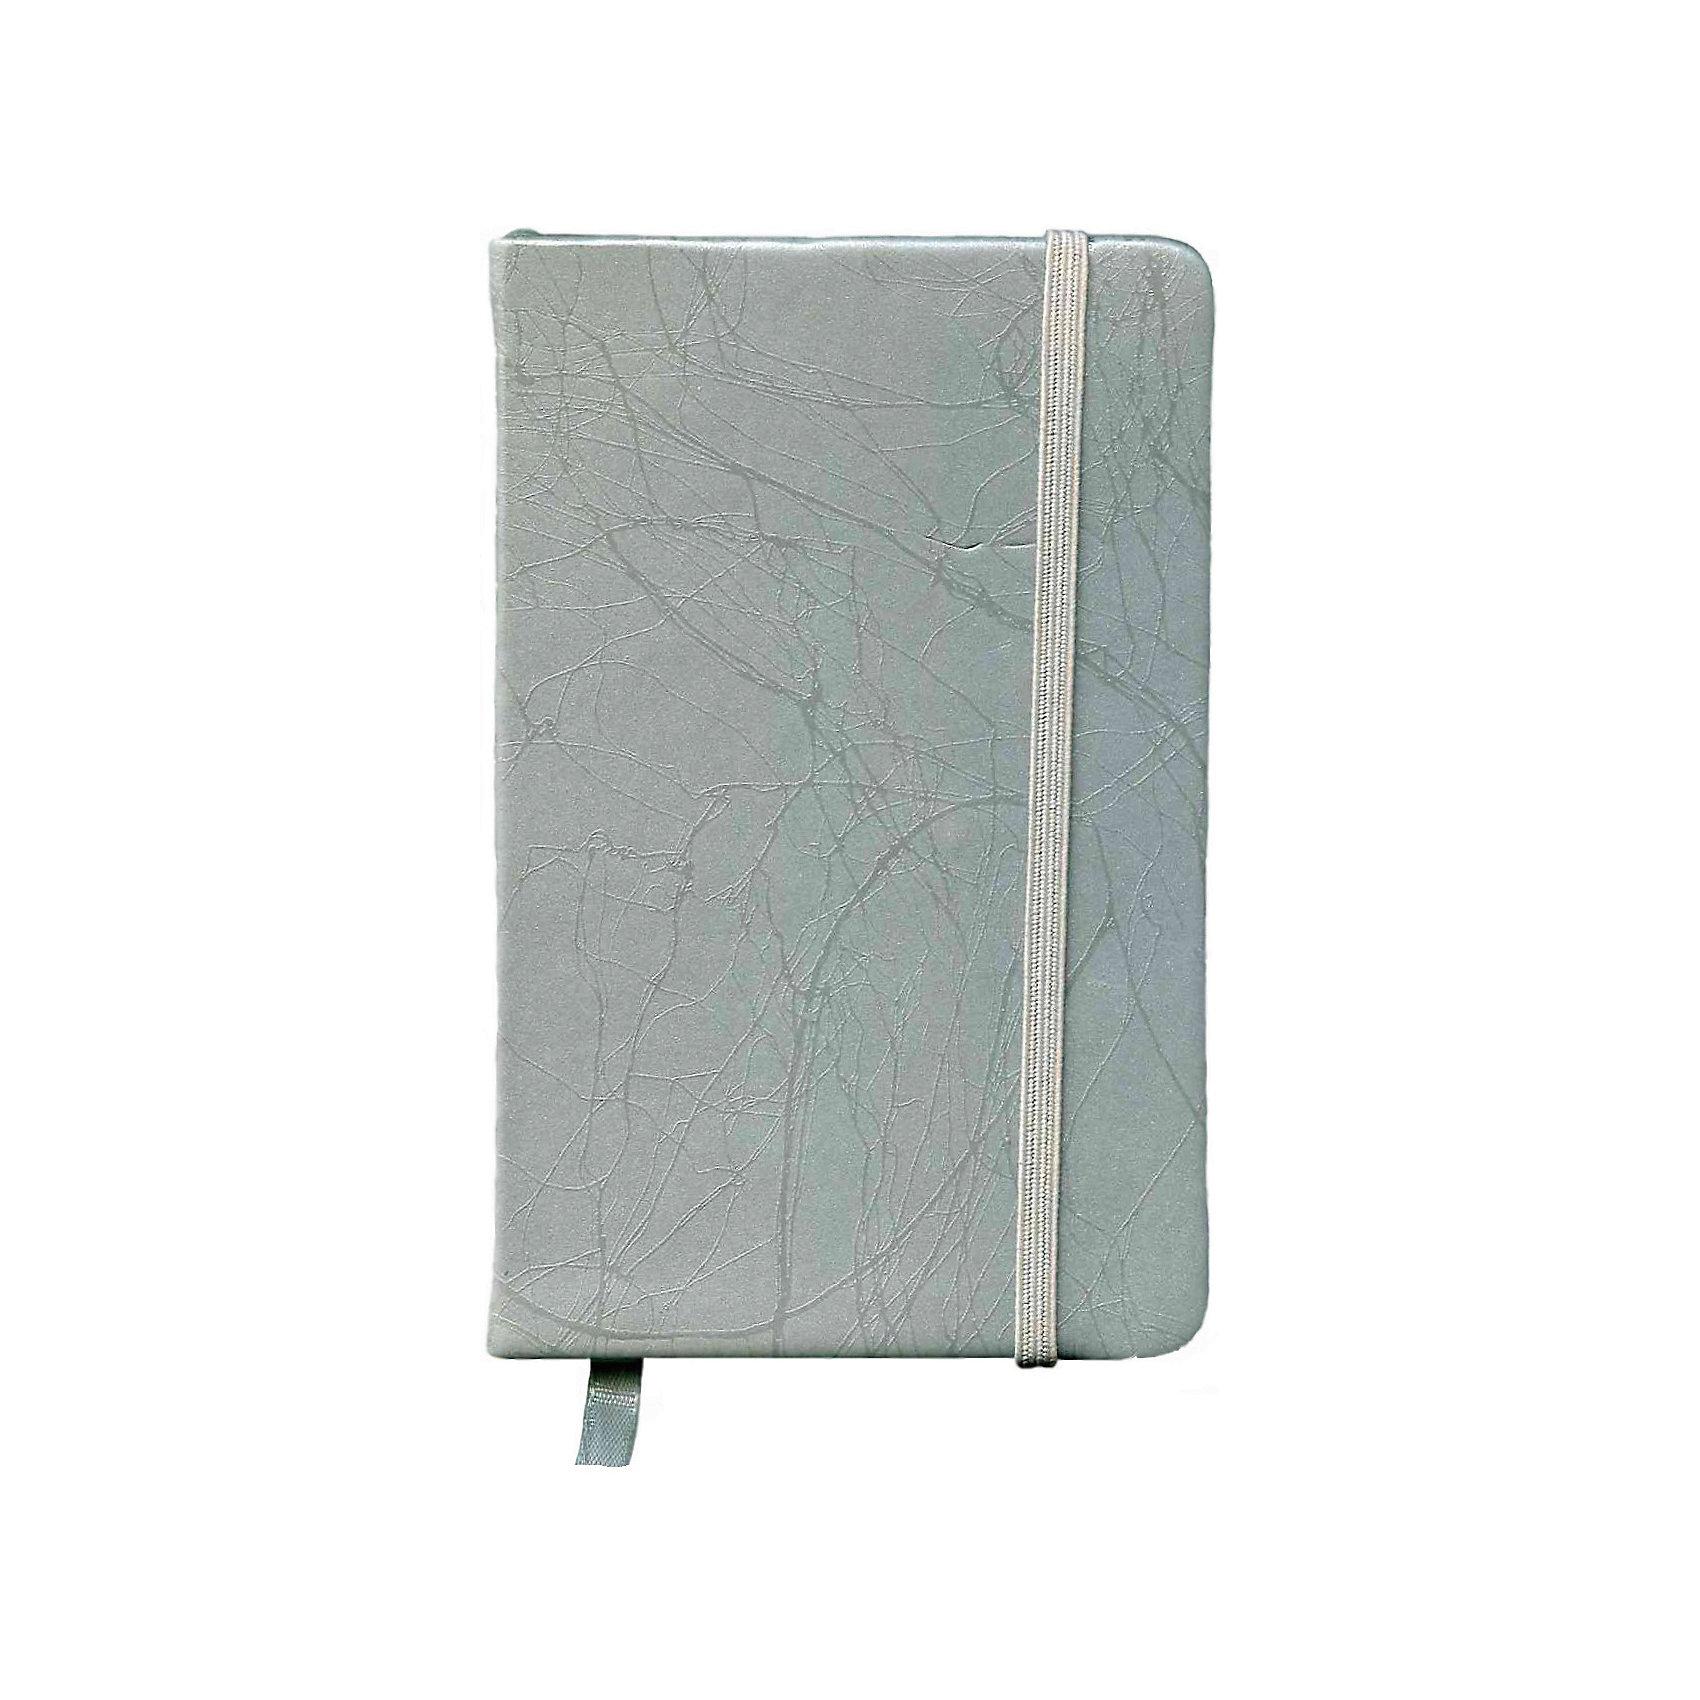 Ежедневник недатированный, серыйУниверсальный недатированный ежедневник пригодится как деловому взрослому так и ребенку.<br><br>Дополнительная информация:<br><br>- Линовка: линия.<br>- Крепление: книжное (прошивка).<br>- Обложка: твердая.<br>- Цвет: серый.<br>- Материал: бумага, картон.<br>- Размер упаковки: 14,5х10х1,3 см.<br>- Вес в упаковке: 123 г.<br><br>Купить ежедневник  недатированный в сером цвете,  можно в нашем магазине.<br><br>Ширина мм: 145<br>Глубина мм: 100<br>Высота мм: 13<br>Вес г: 123<br>Возраст от месяцев: 120<br>Возраст до месяцев: 2147483647<br>Пол: Унисекс<br>Возраст: Детский<br>SKU: 4943530